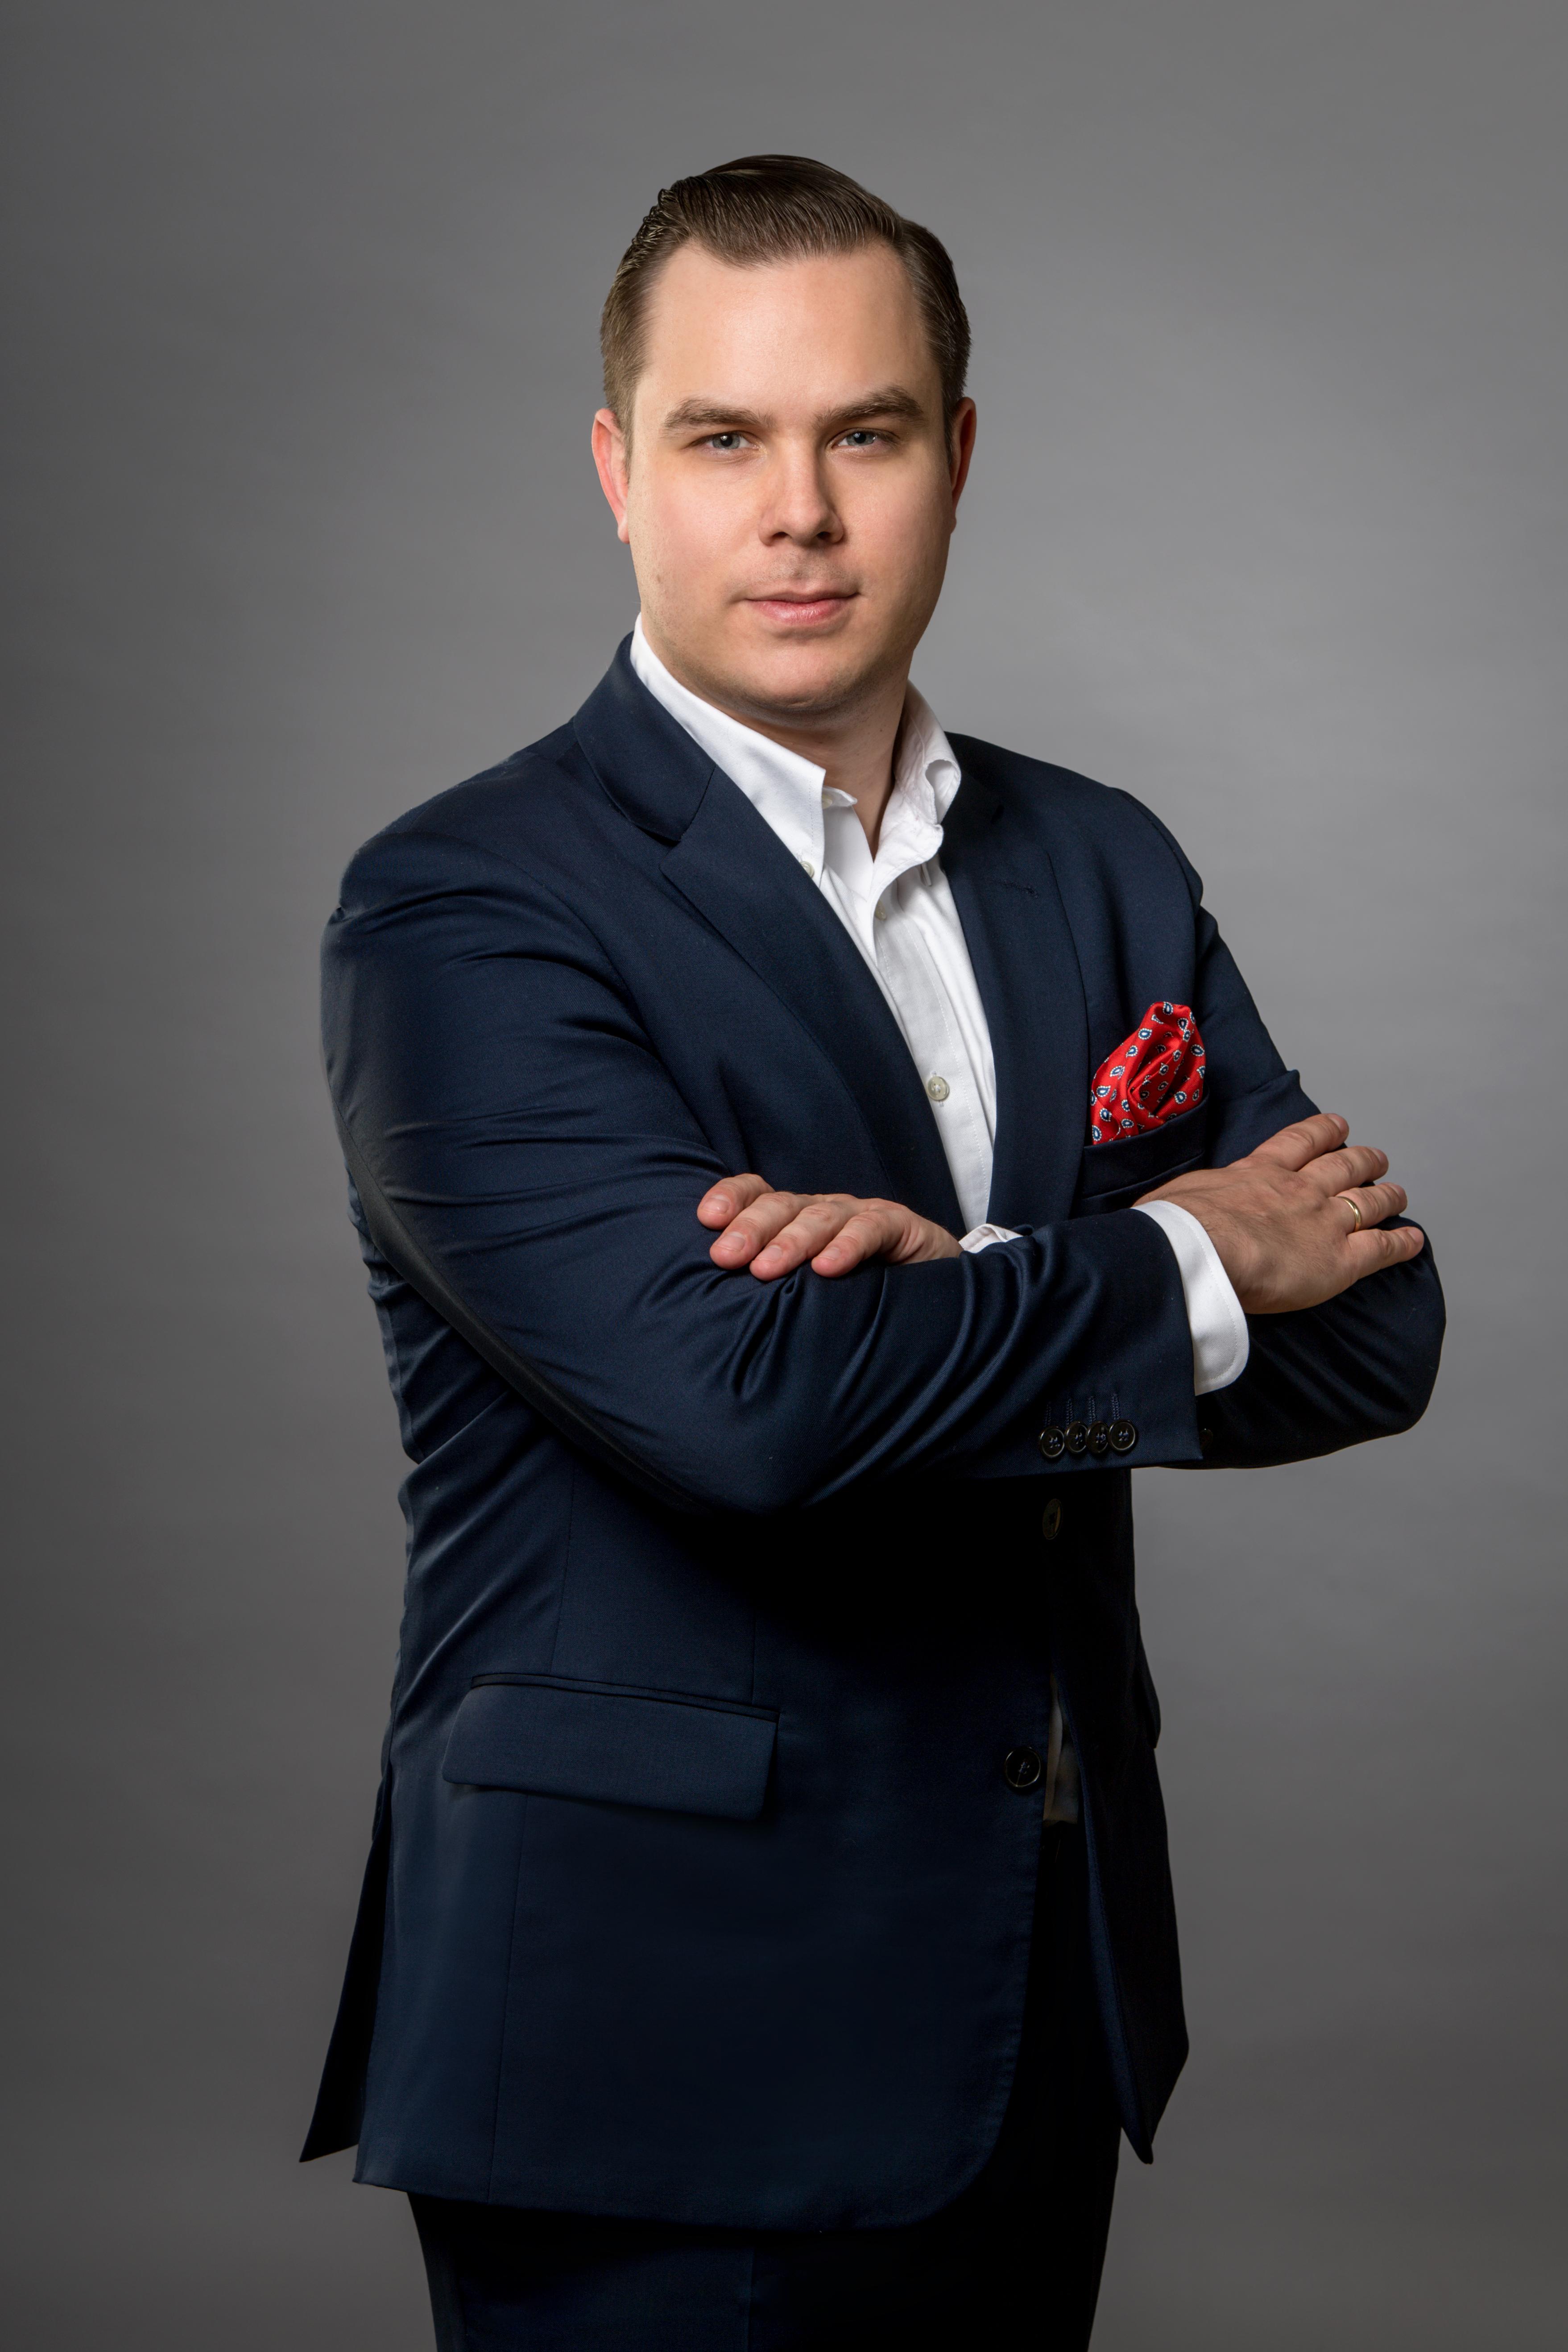 David Odrakiewicz